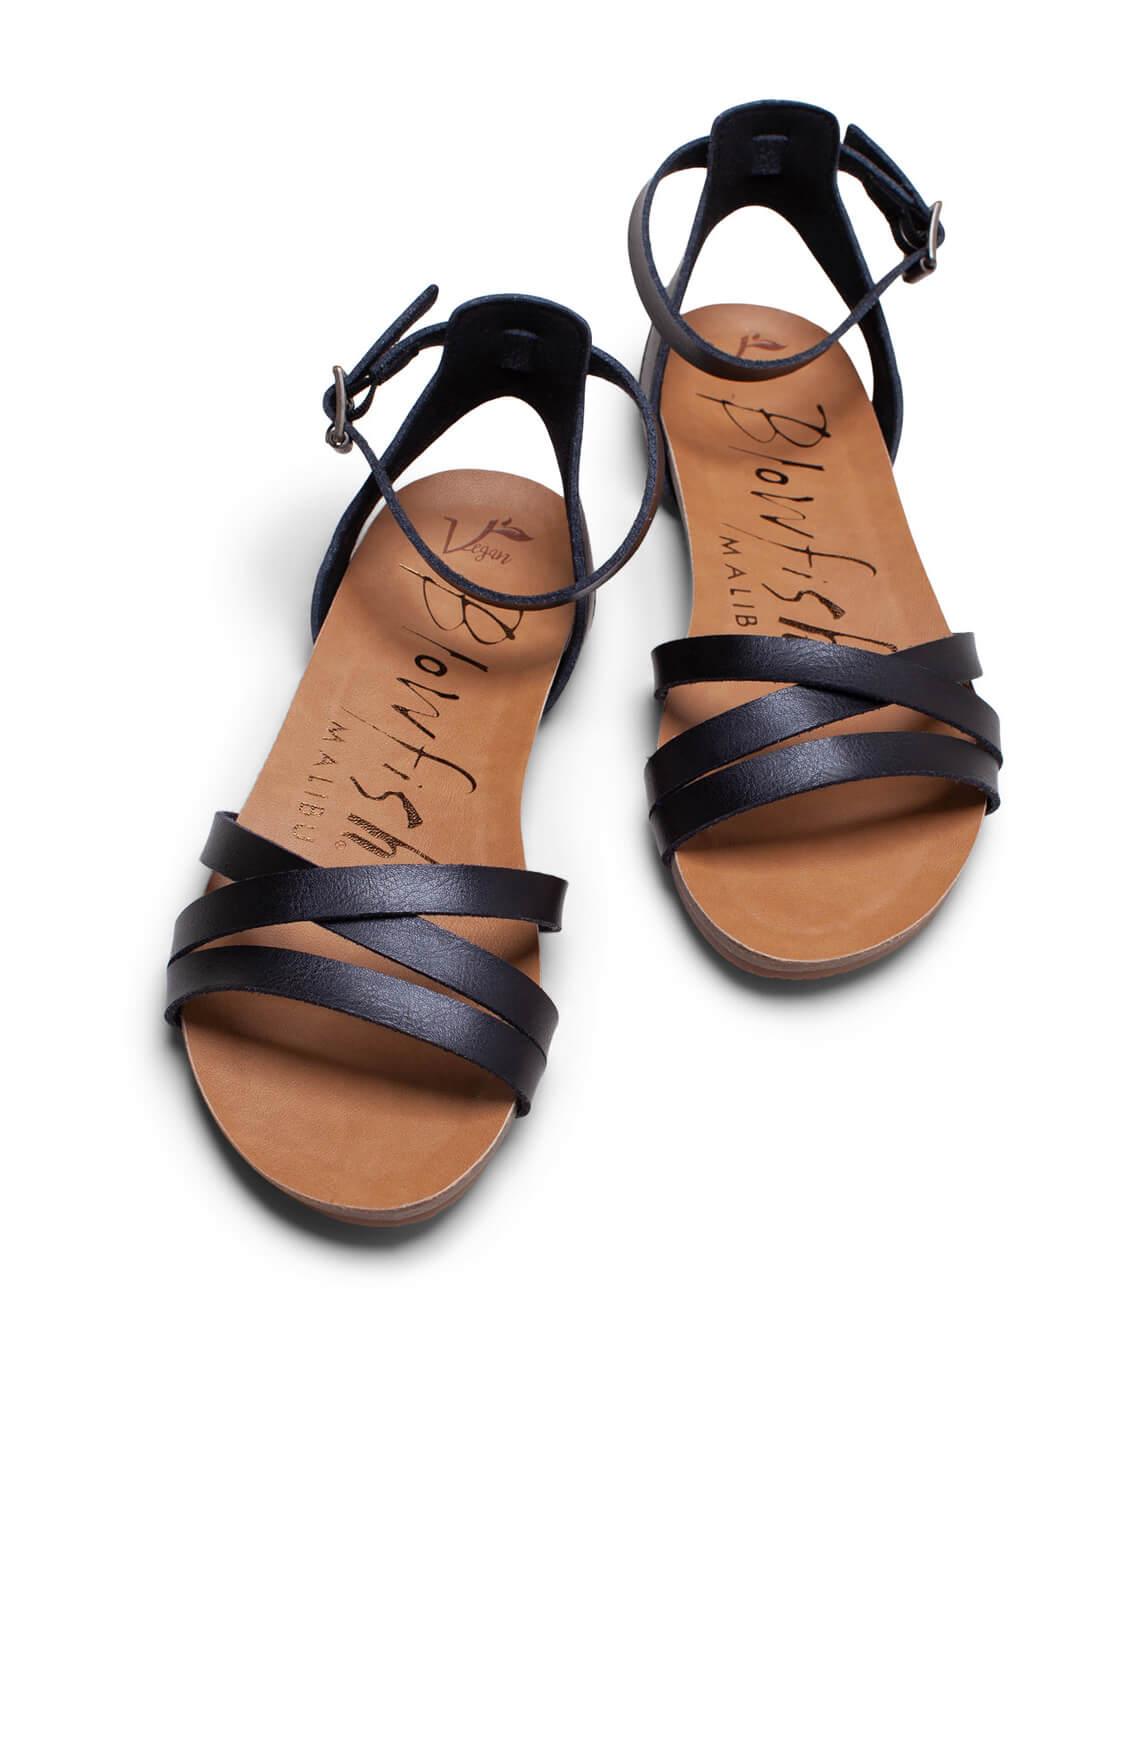 Blowfish Malibu Dames Galie sandaal zwart